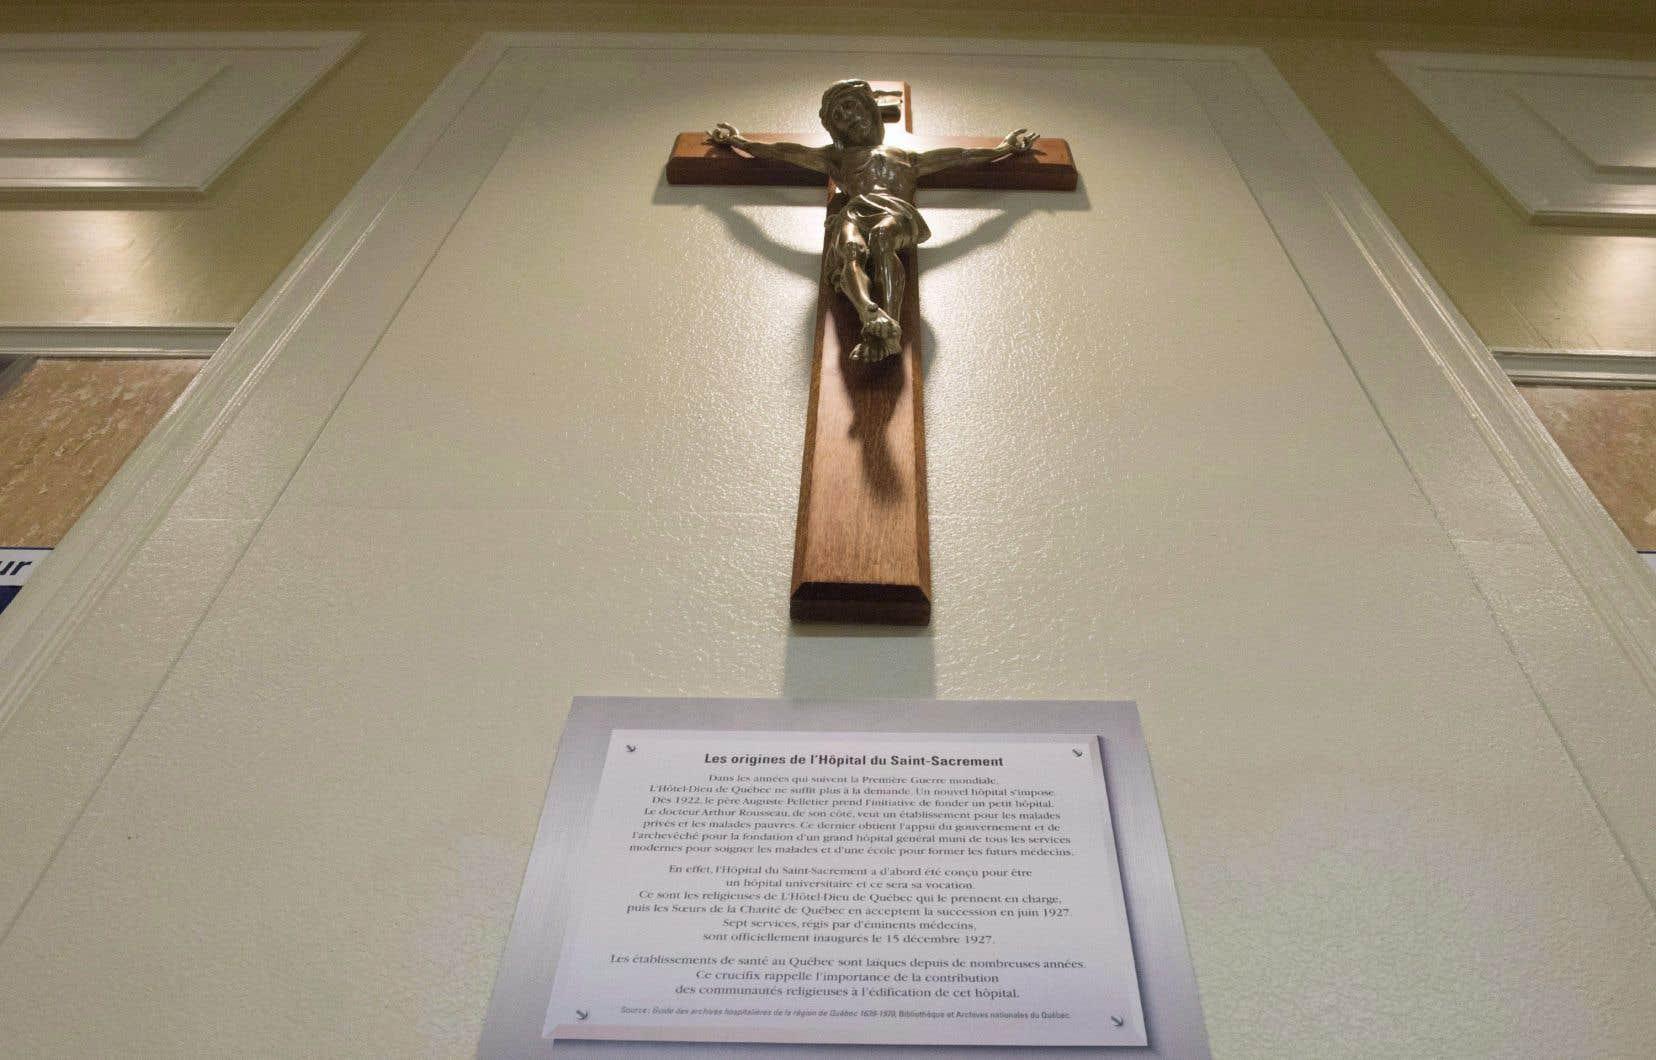 «Lorsqu'on a tenté de retirer le crucifix à l'hôpital du Saint-Sacrement en 2017, la levée de boucliers fut tellement intense que l'objet a été remis en place rapidement», rappelle l'auteur.